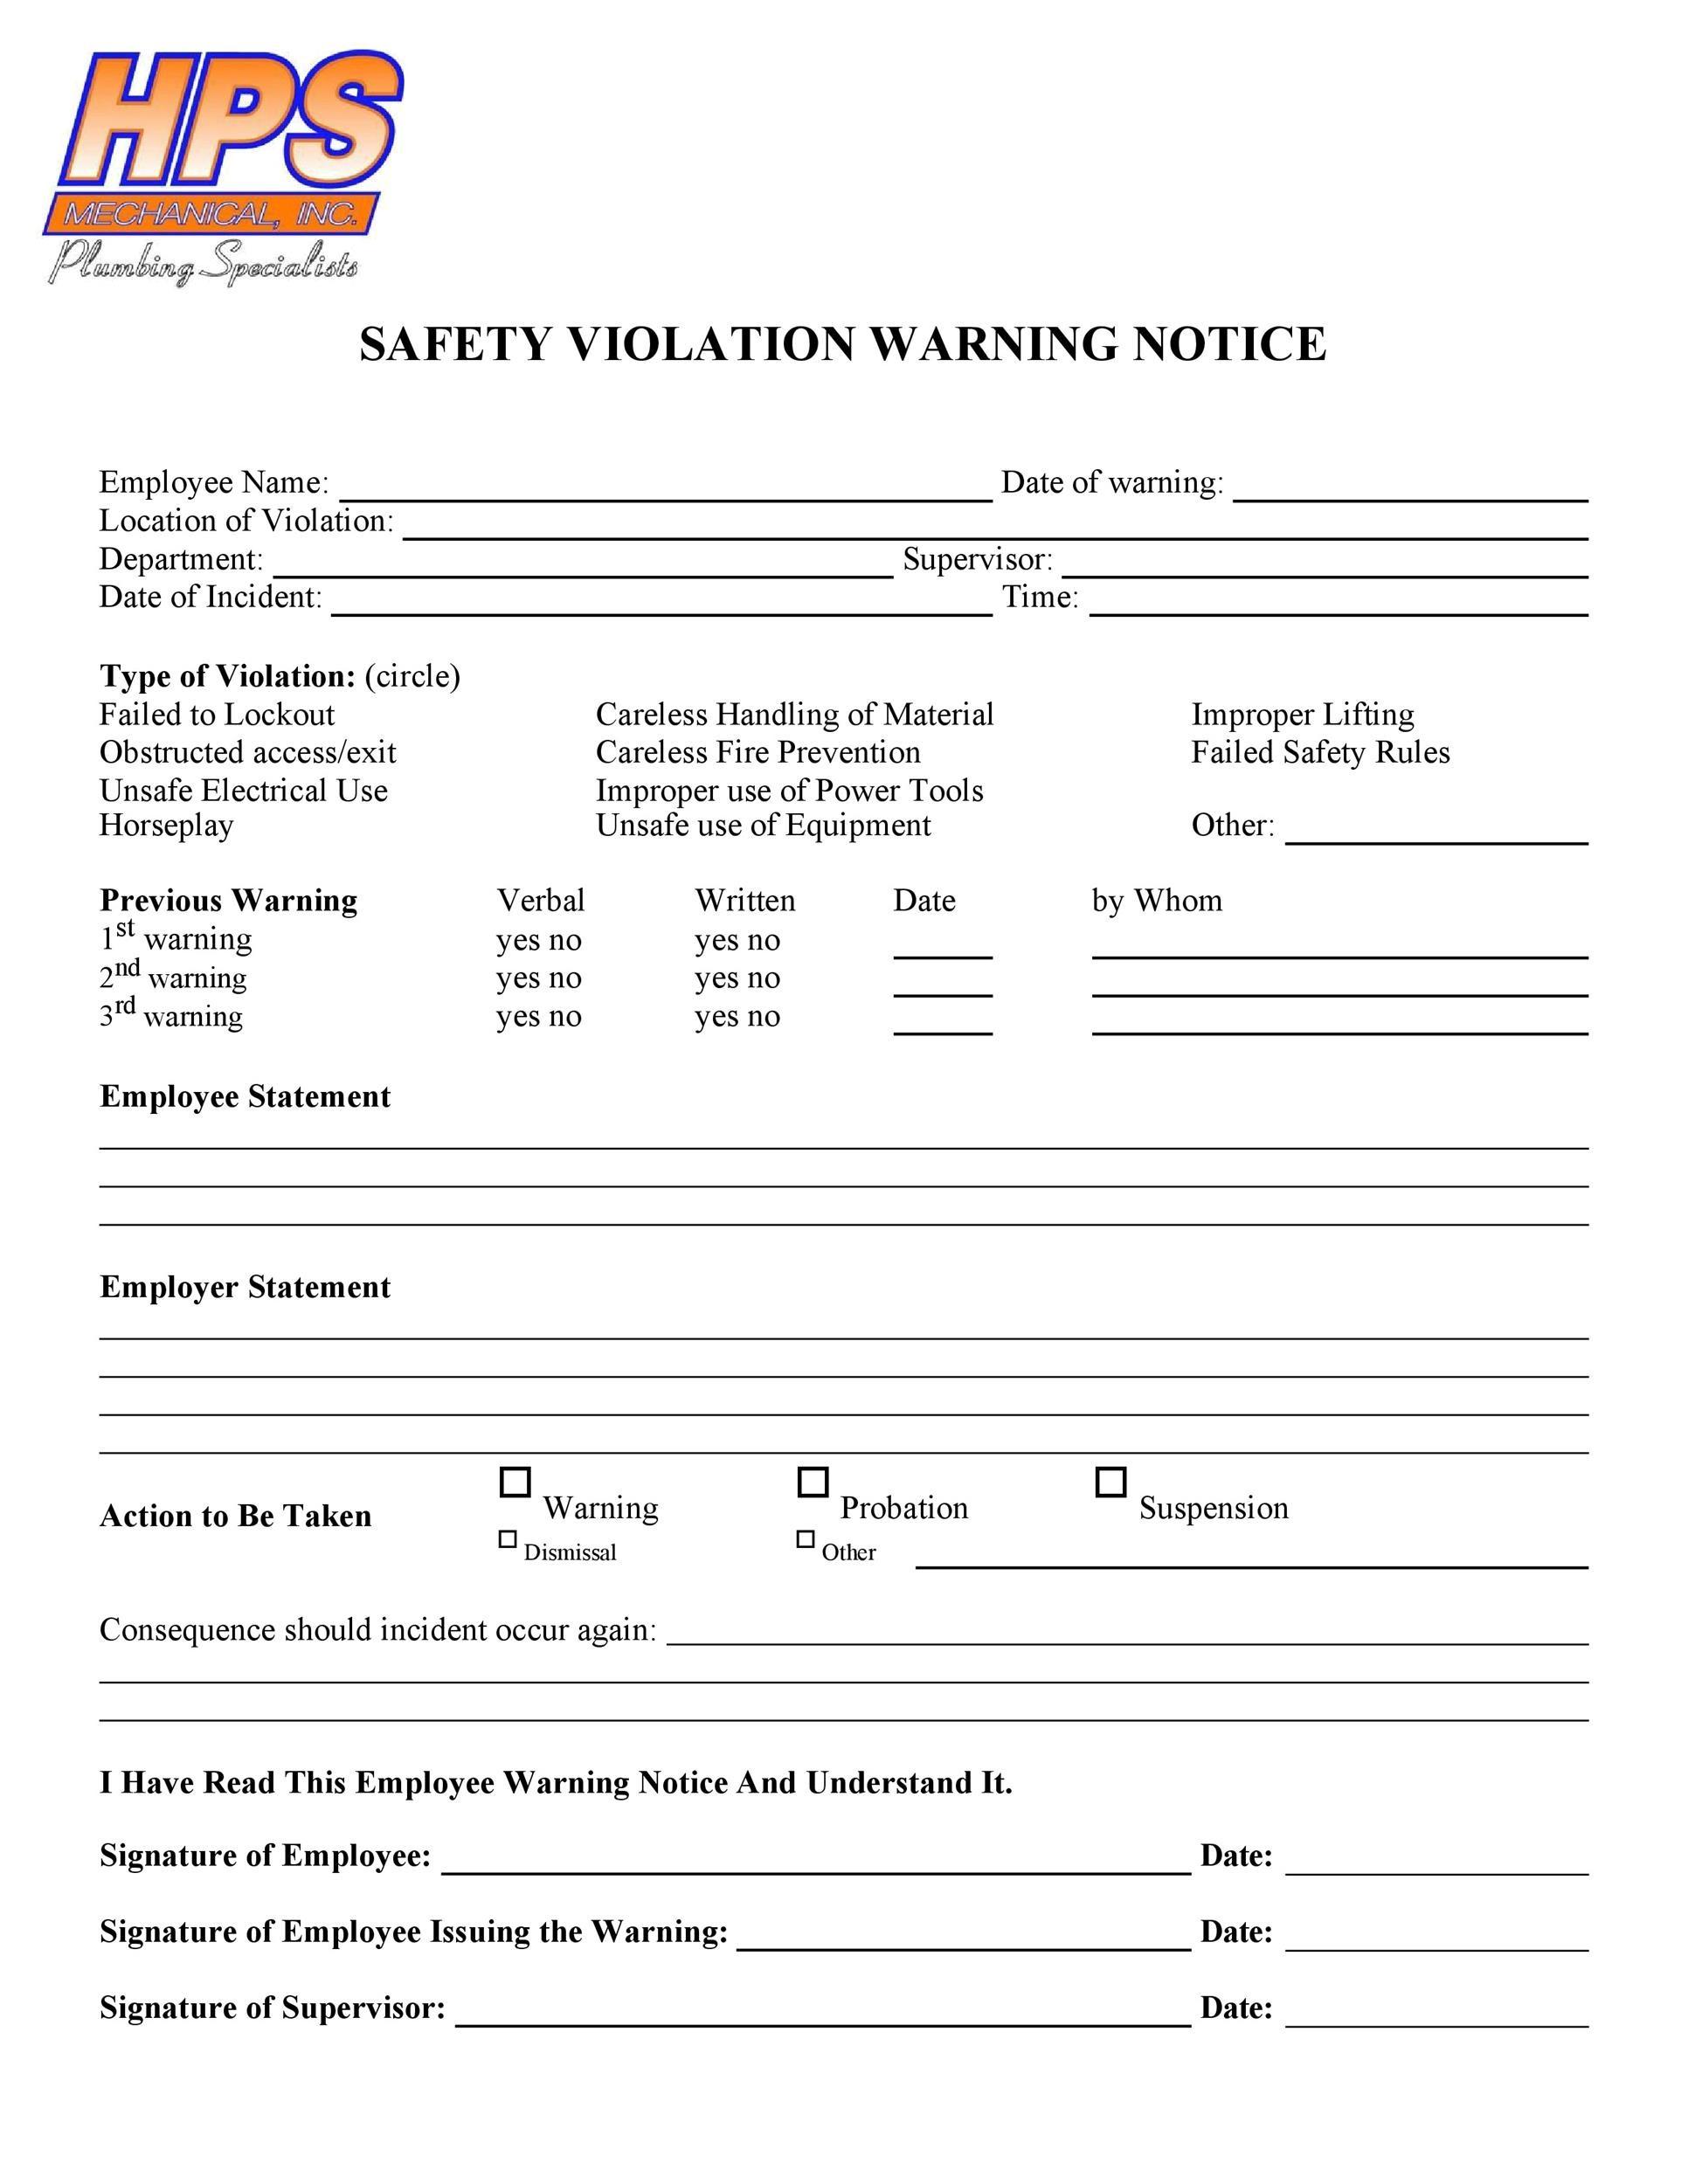 Free employee warning notice 45